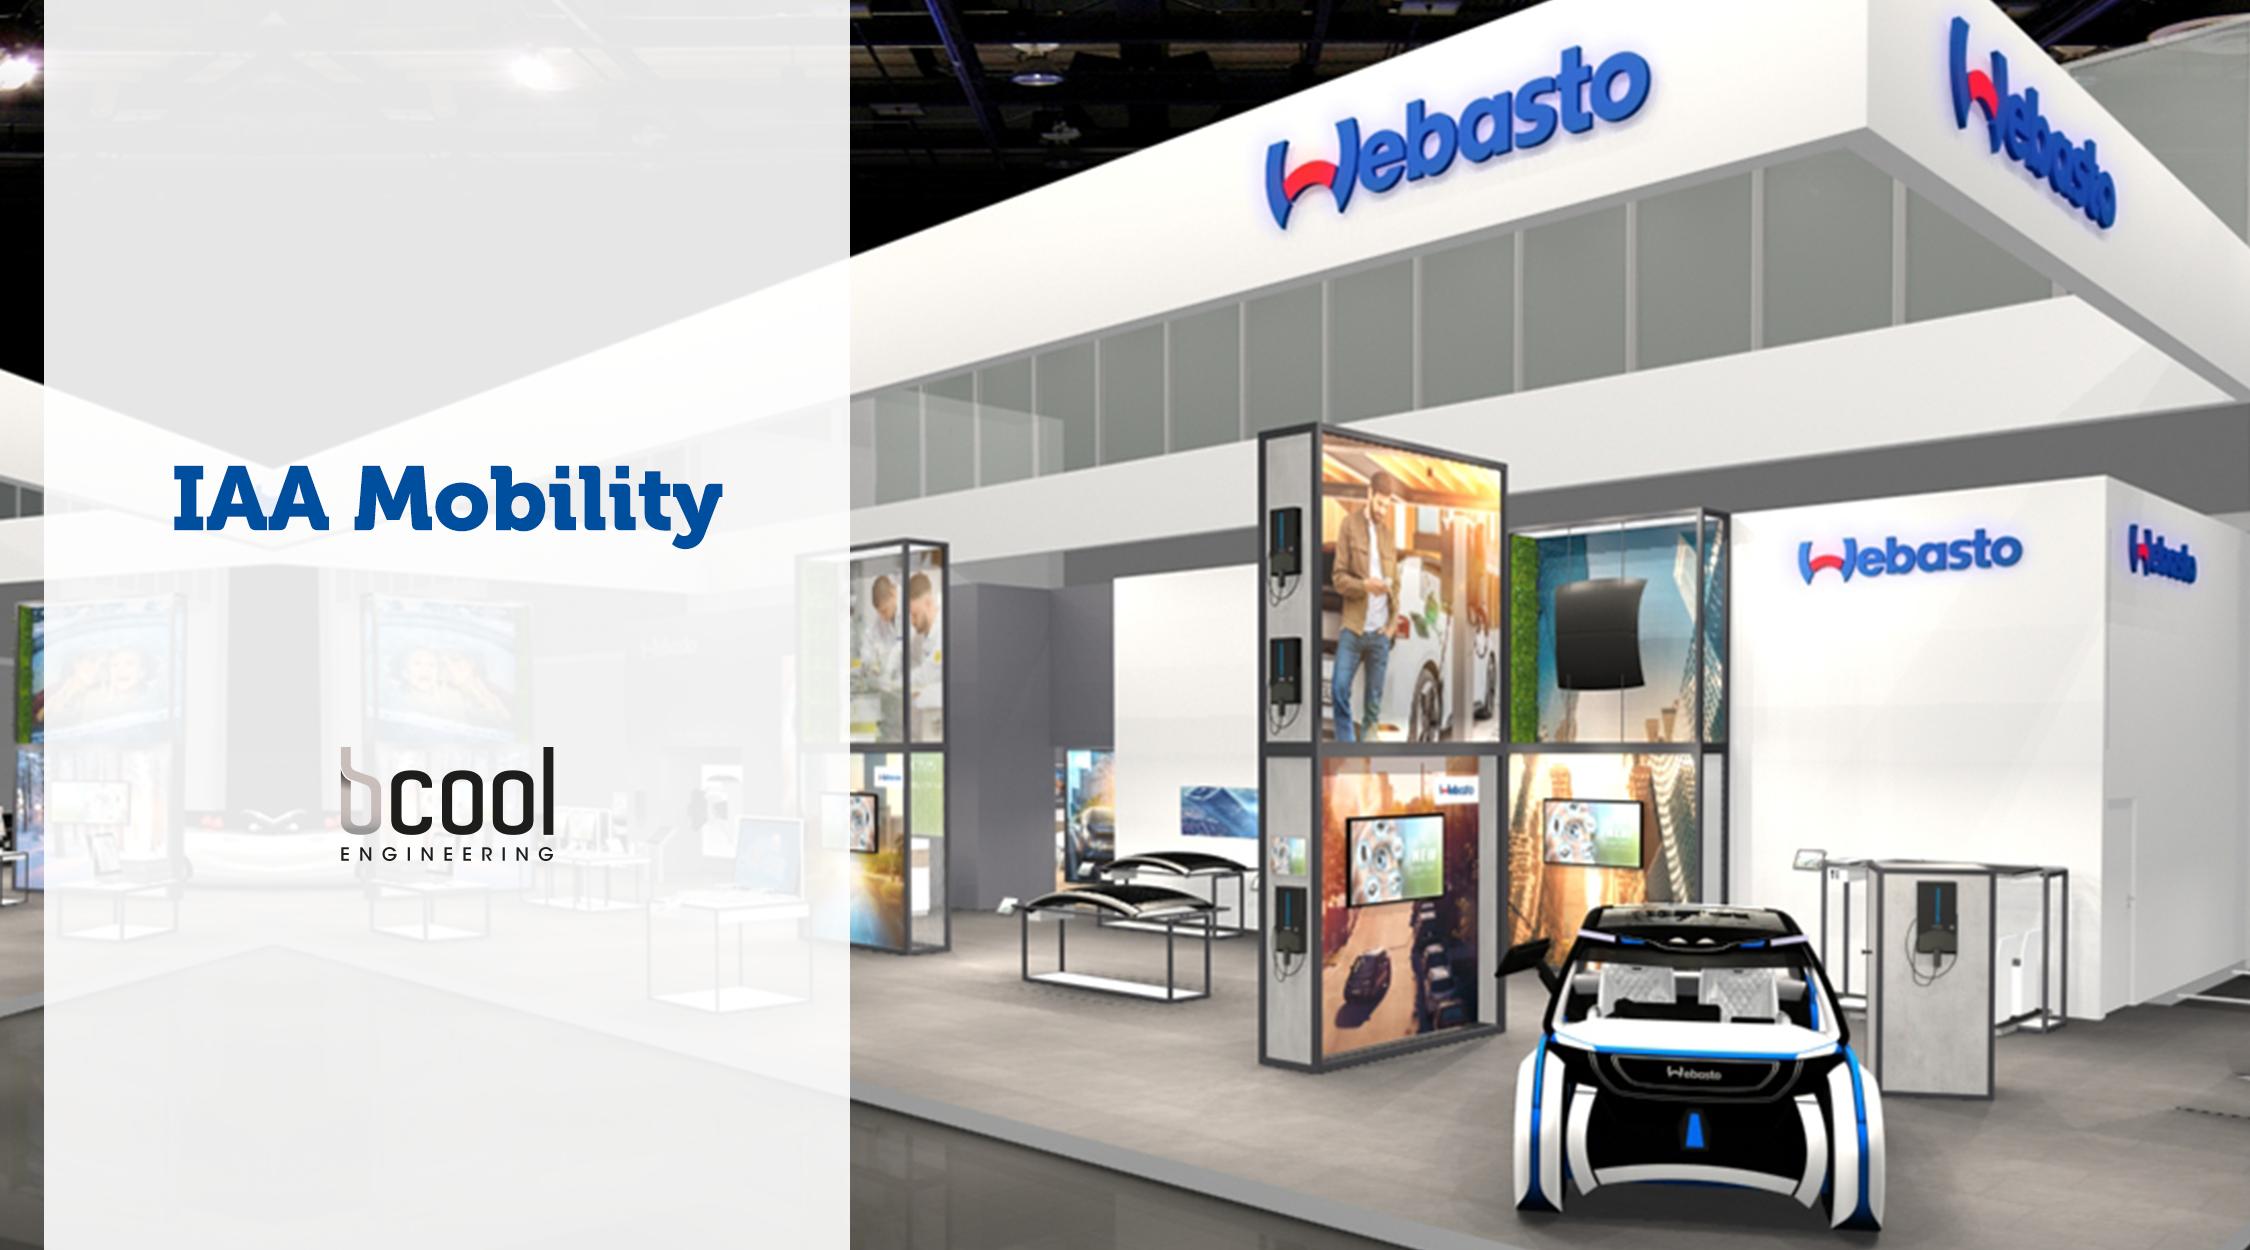 IAA Mobility - Webasto - Bcool Engineering